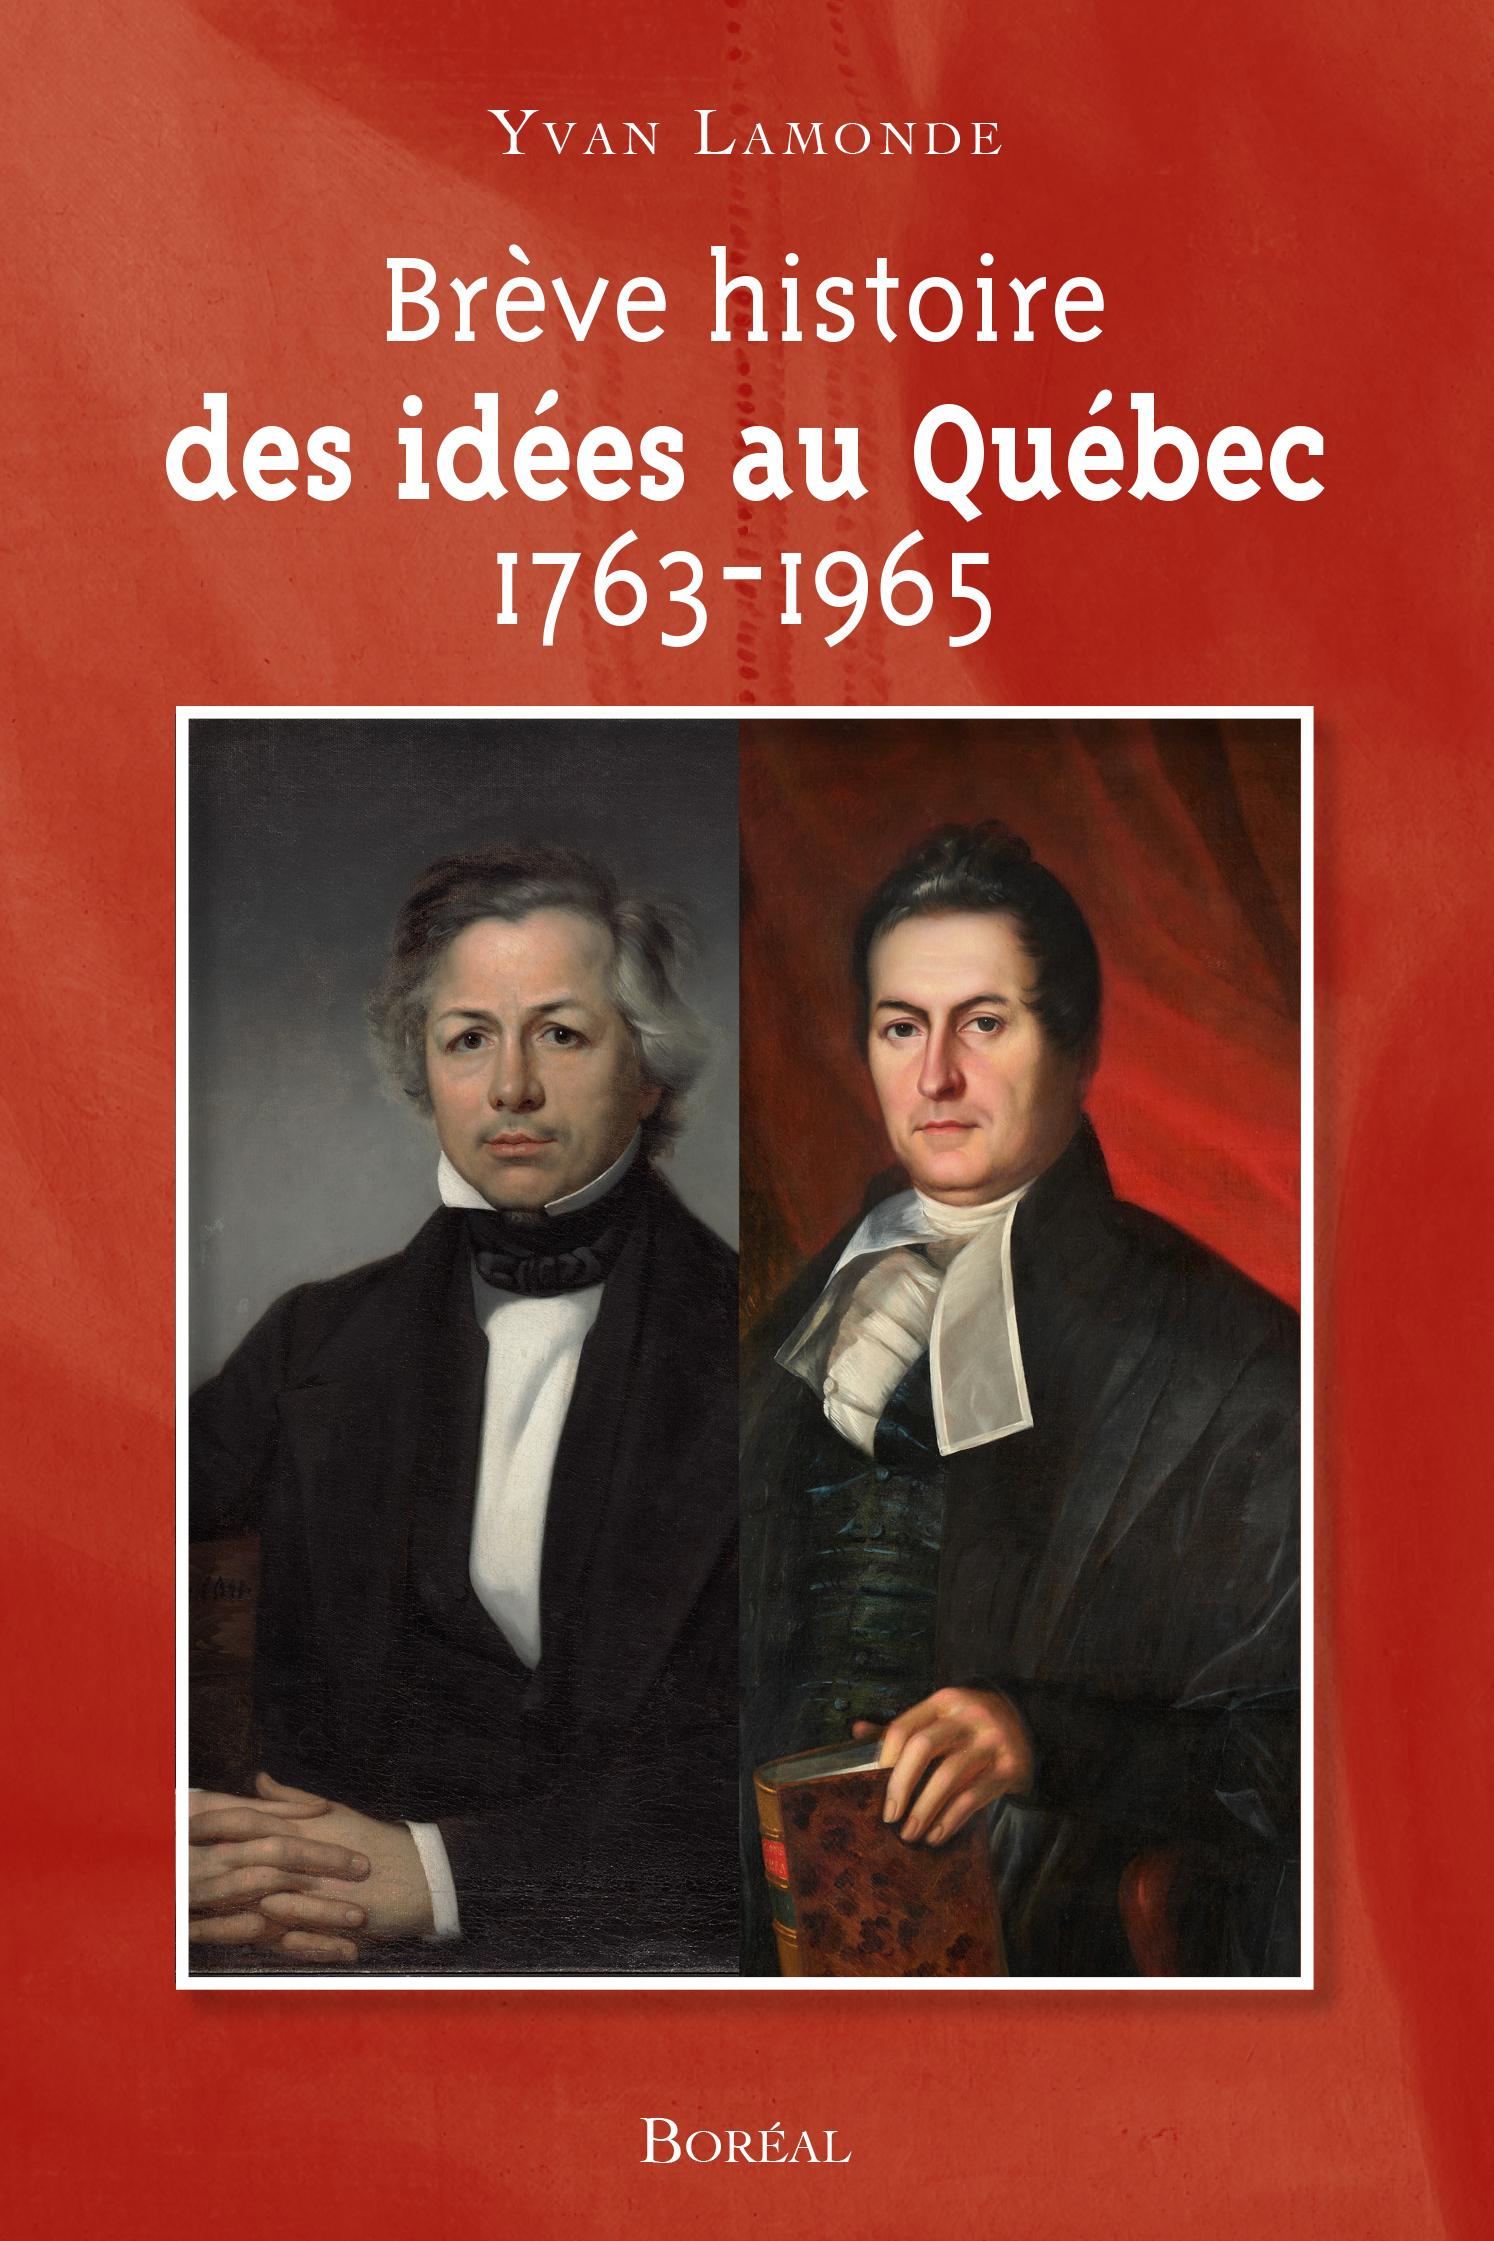 Brève histoire des idées au Québec